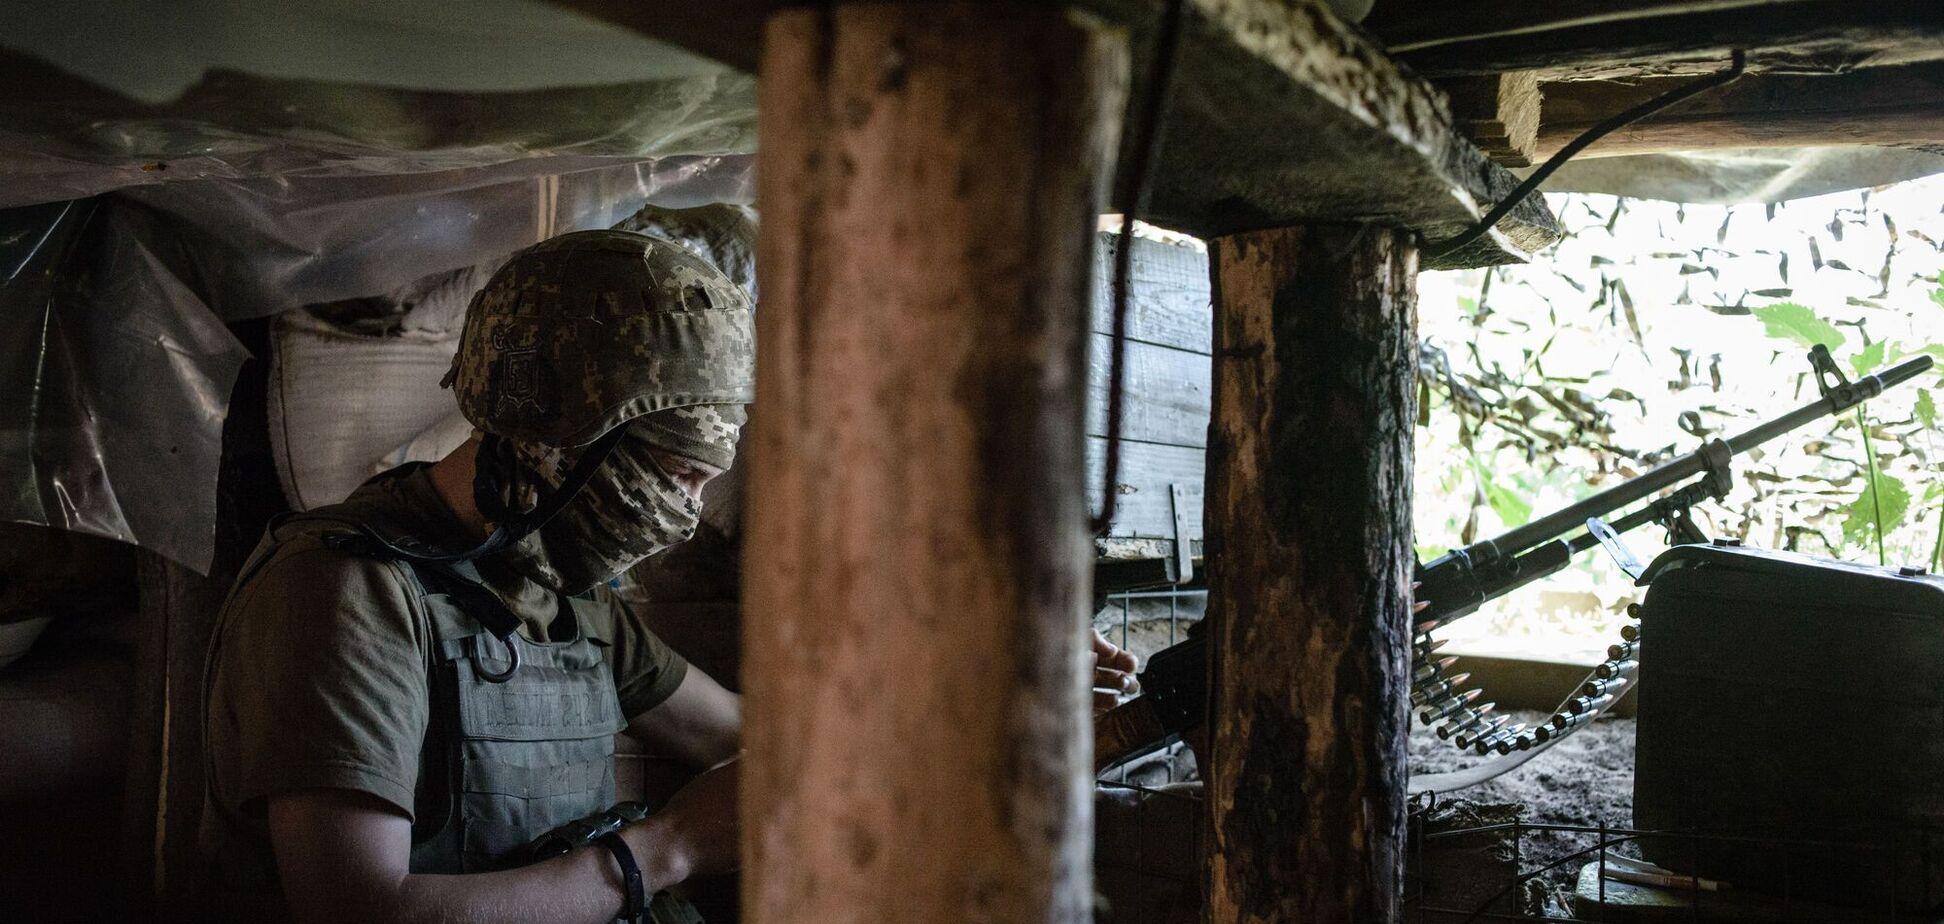 Терористи 'Л/ДНР' обстріляли позиції ЗСУ з мінометів і гранатометів – штаб ООС